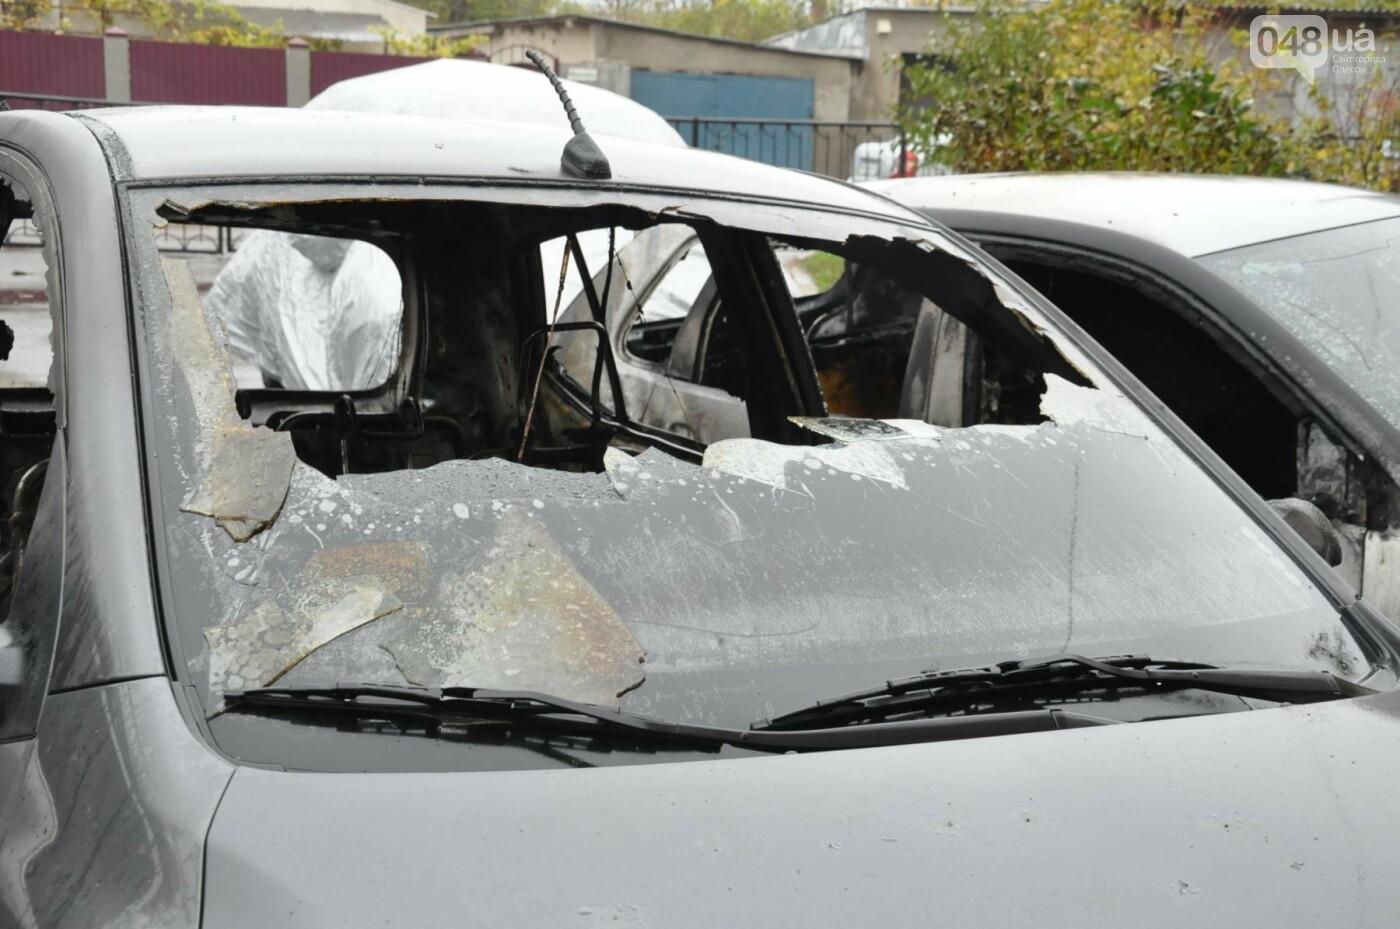 Последствия пожара на Рекордной в Одессе (ФОТО), фото-10